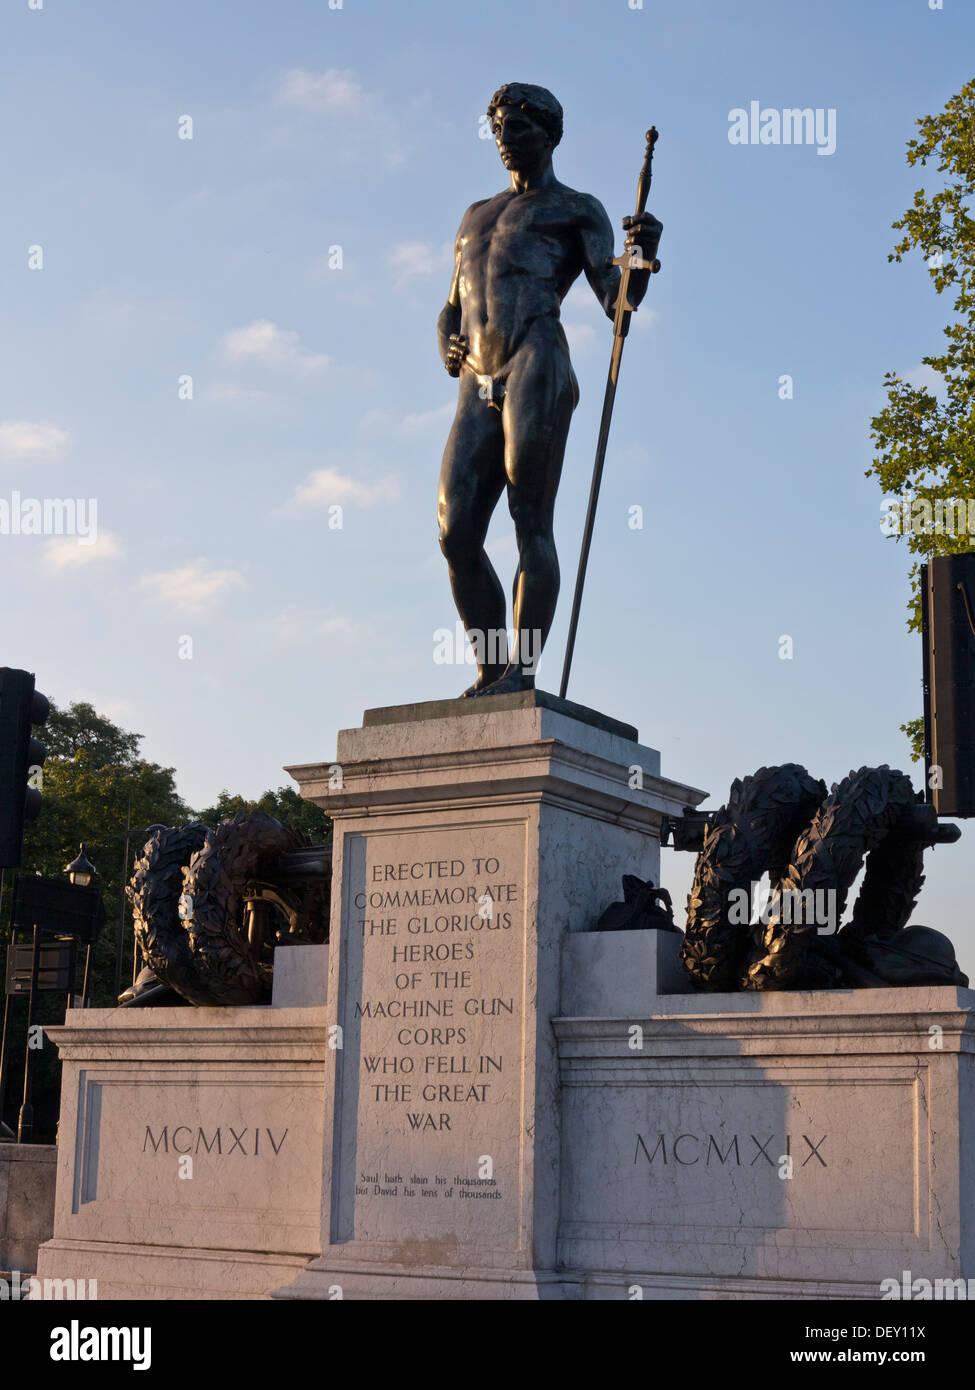 Machine Gun Corps memorial in Hyde park corner, London, UK - Stock Image